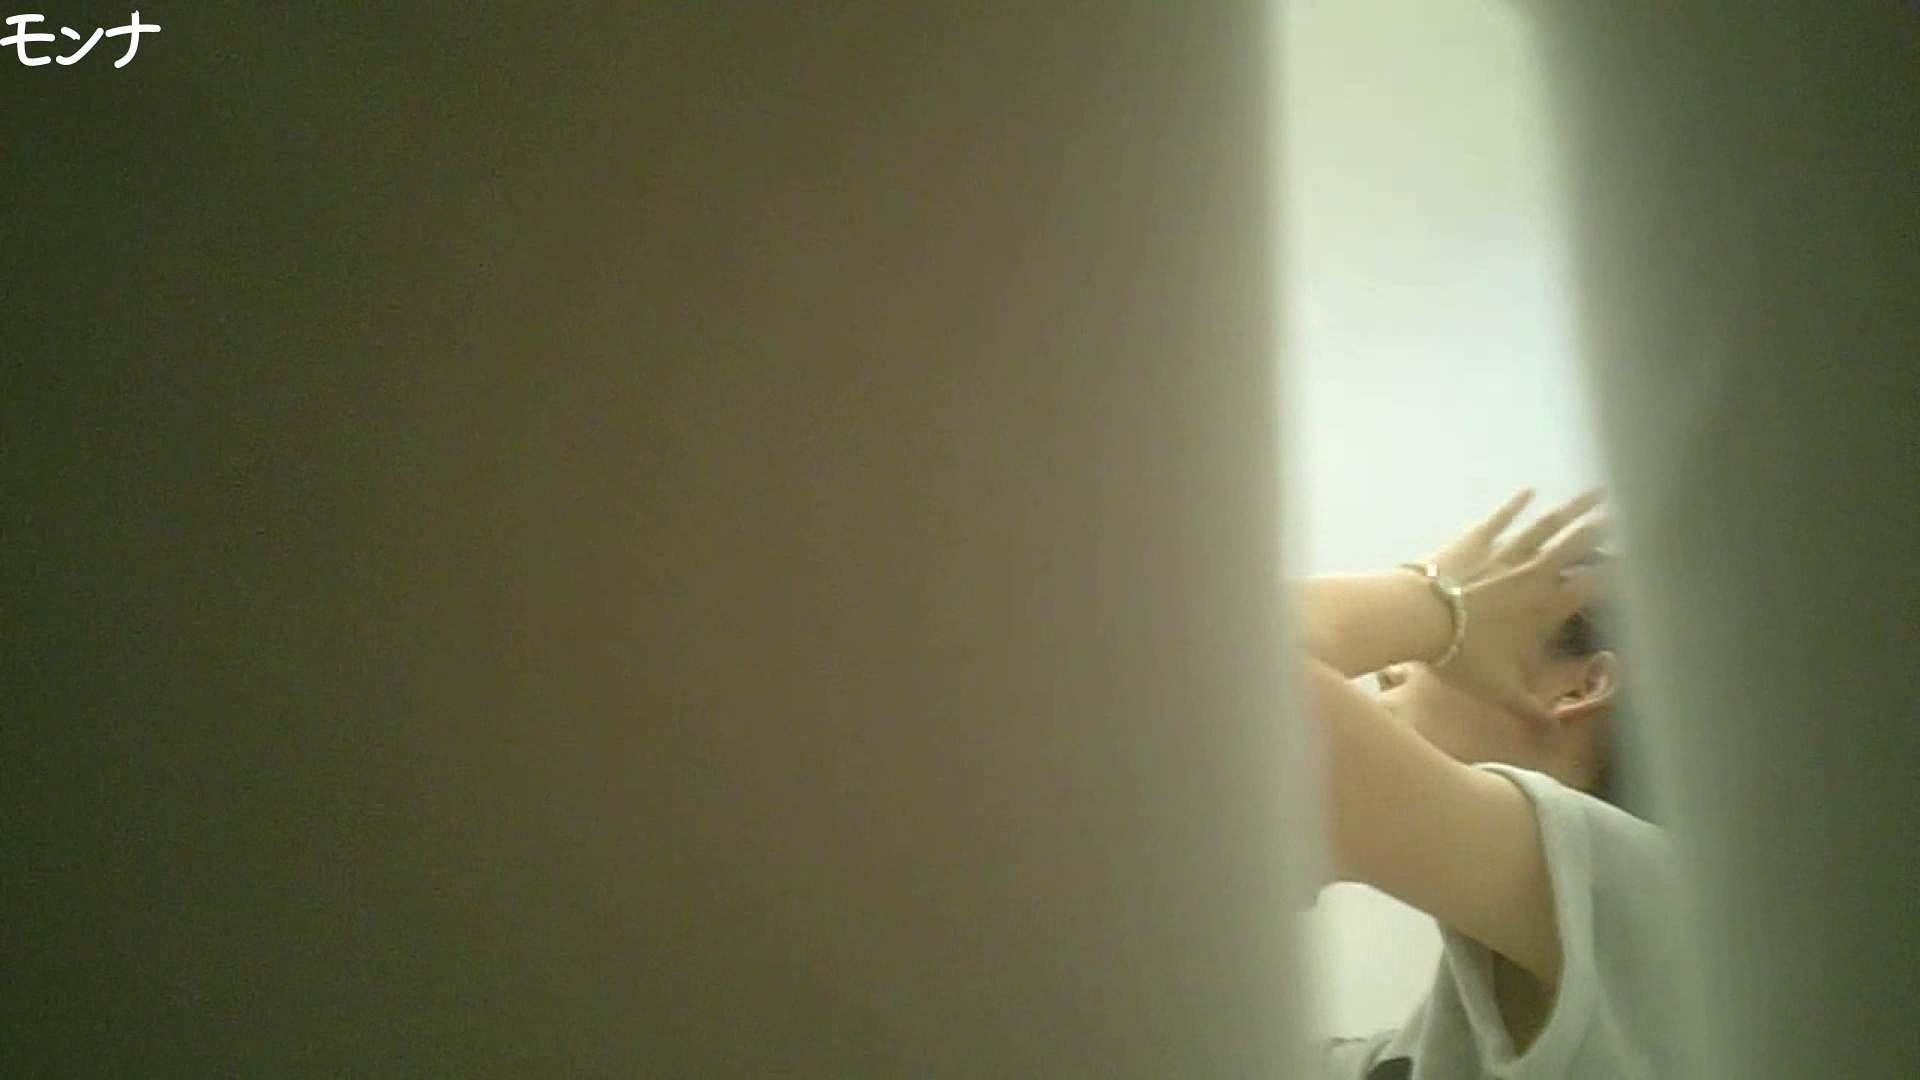 有名大学女性洗面所 vol.65 秘技!!マルチアングル天井撮り!! 潜入 オメコ動画キャプチャ 110枚 28